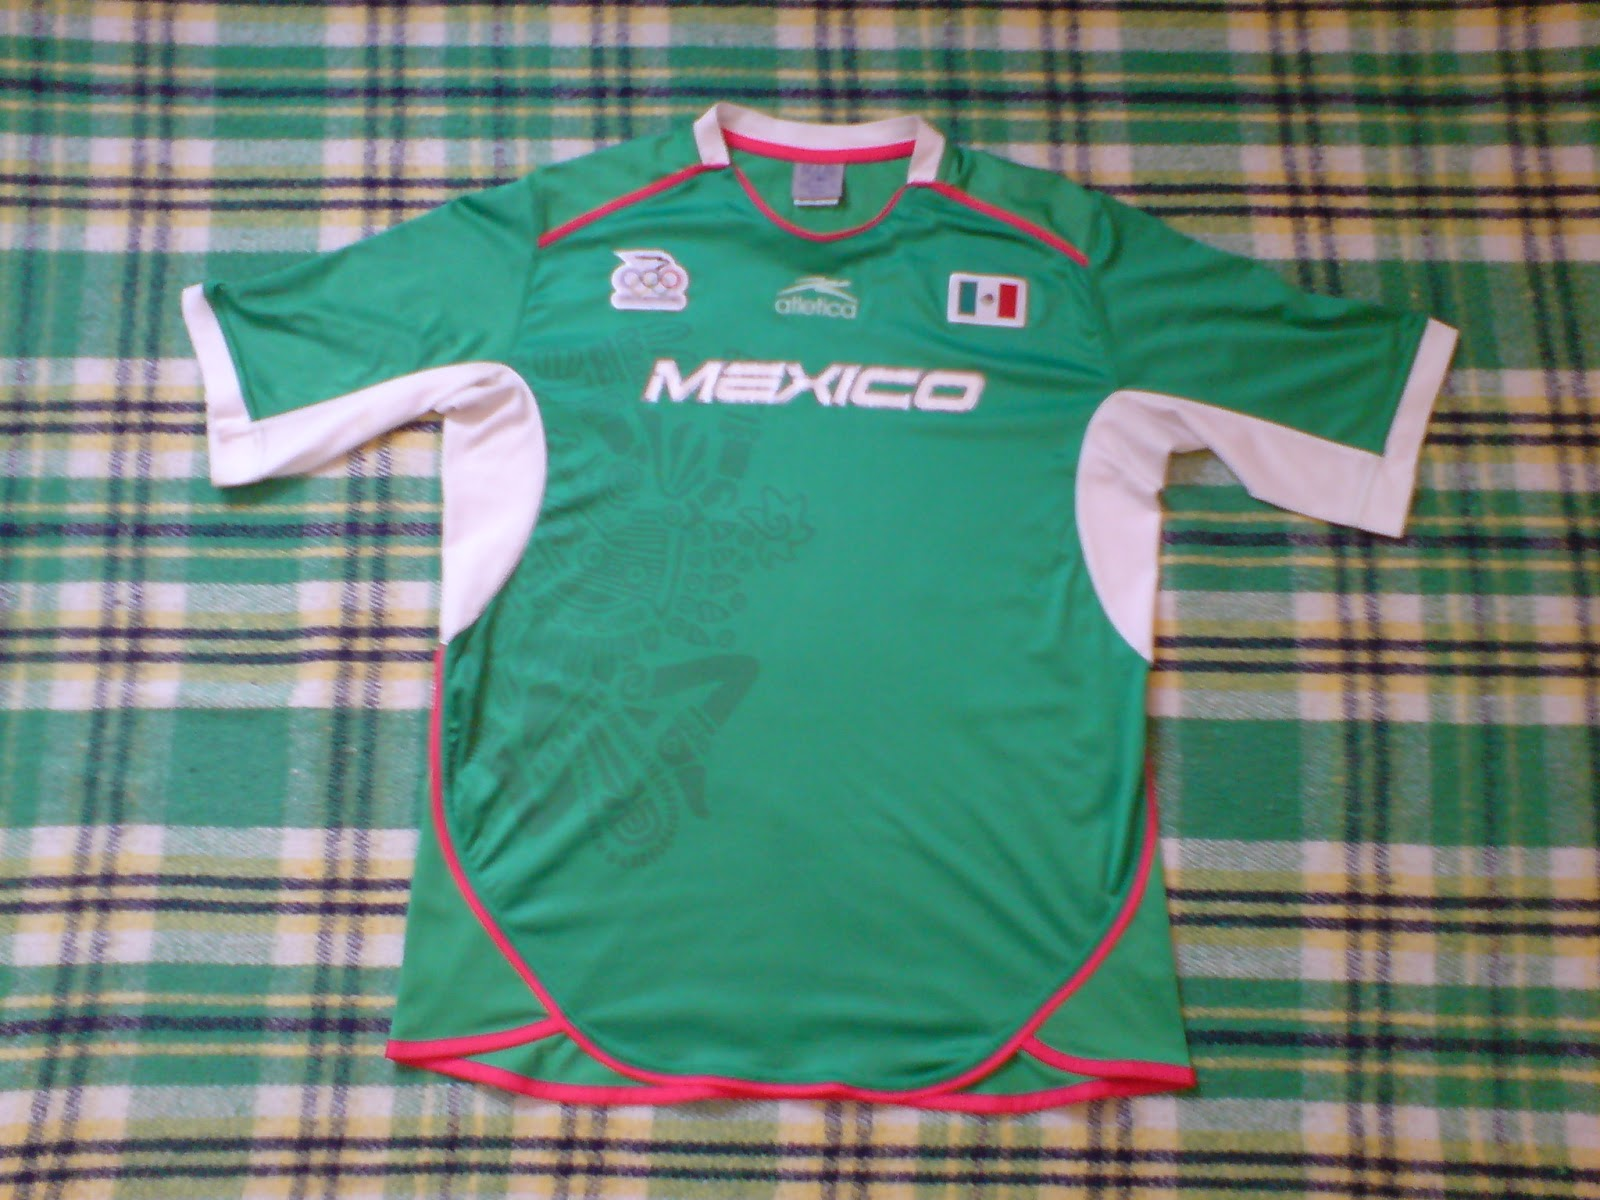 En este video se puede ver la camiseta siendo usada por la selección  mexicana varonil en el último partido de su grupo 7272c0d9c3776